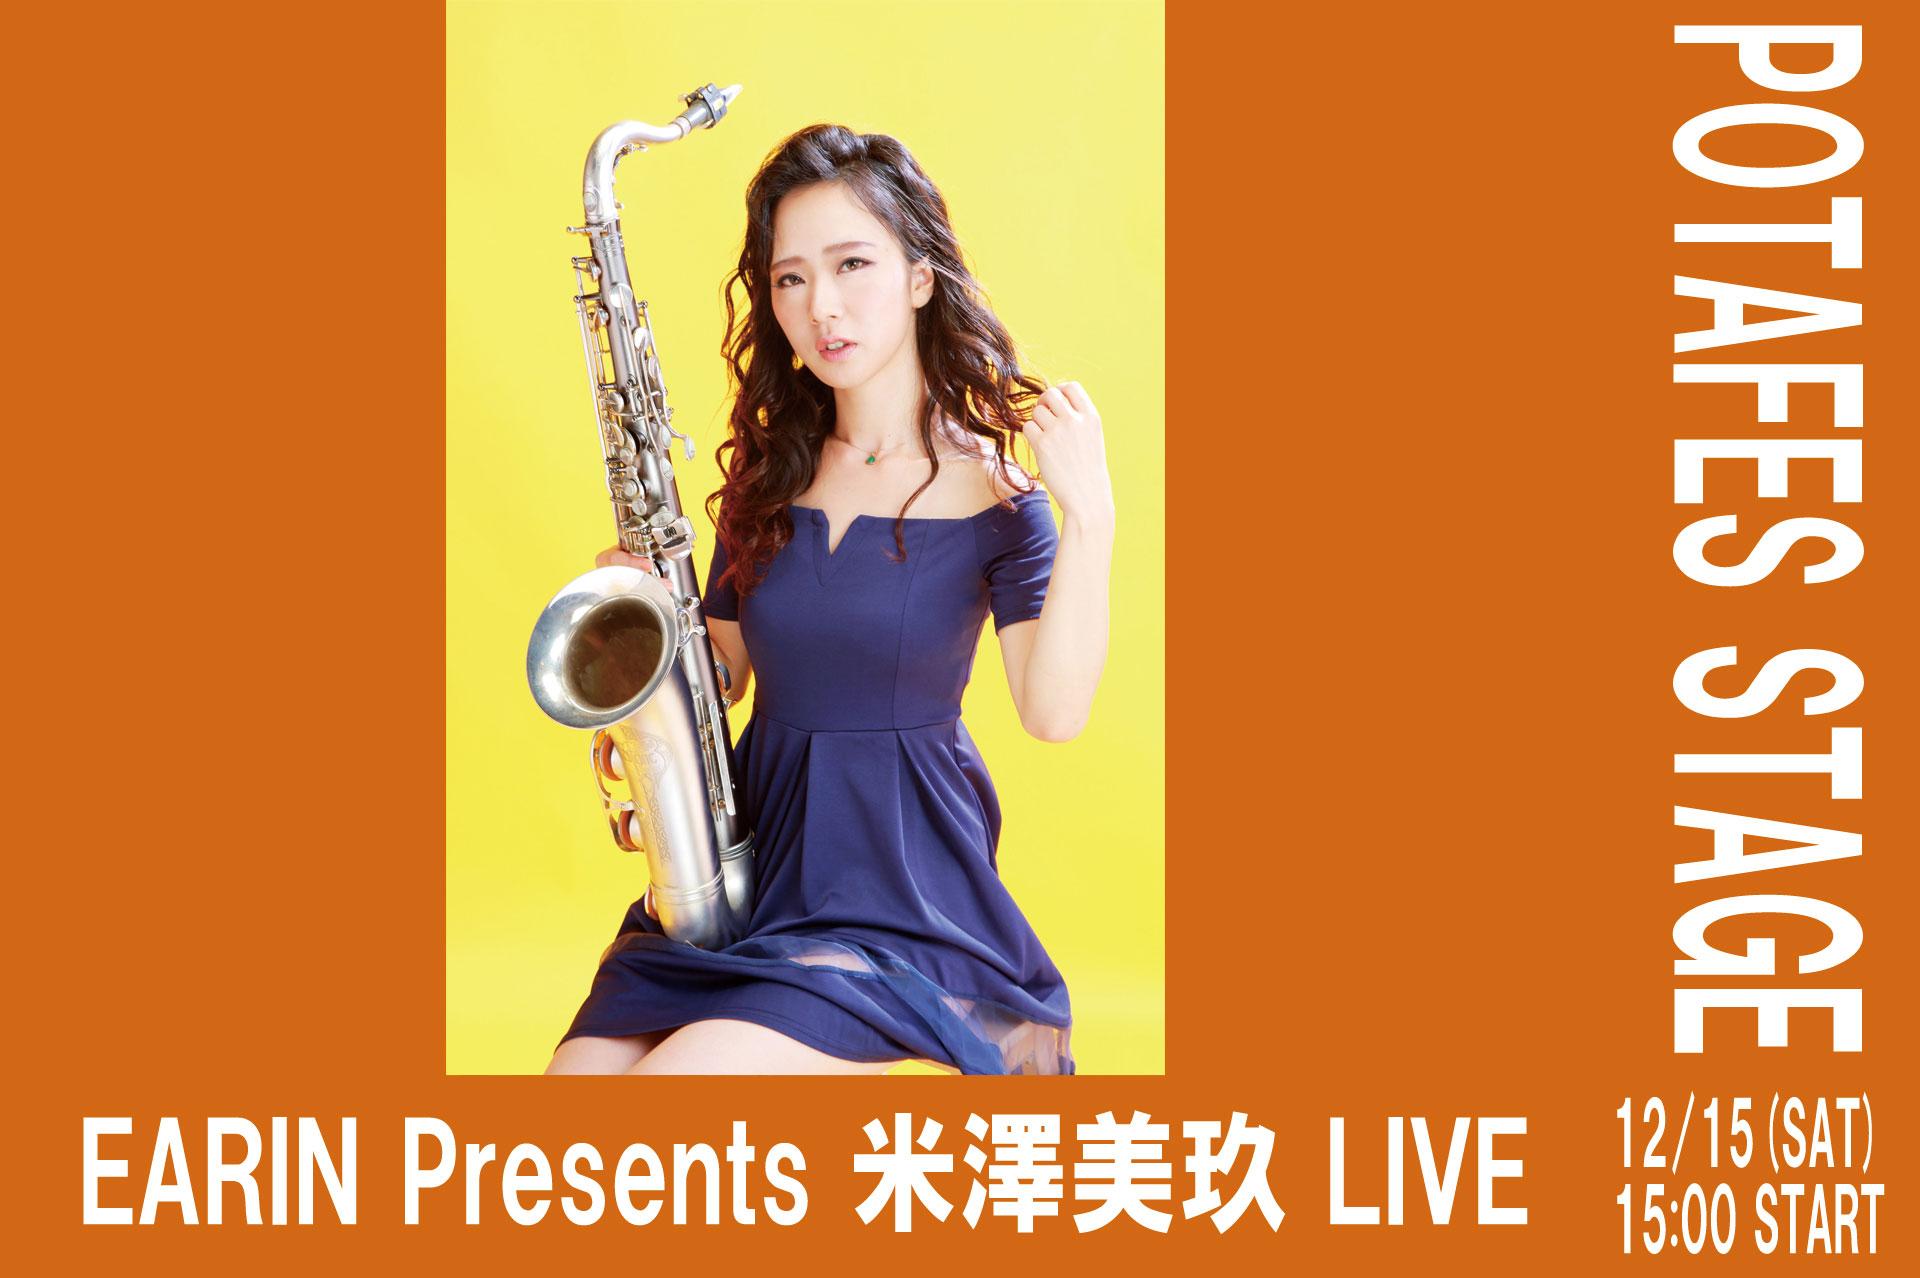 【ステージ情報】EARIN Presents 米澤美玖 LIVE